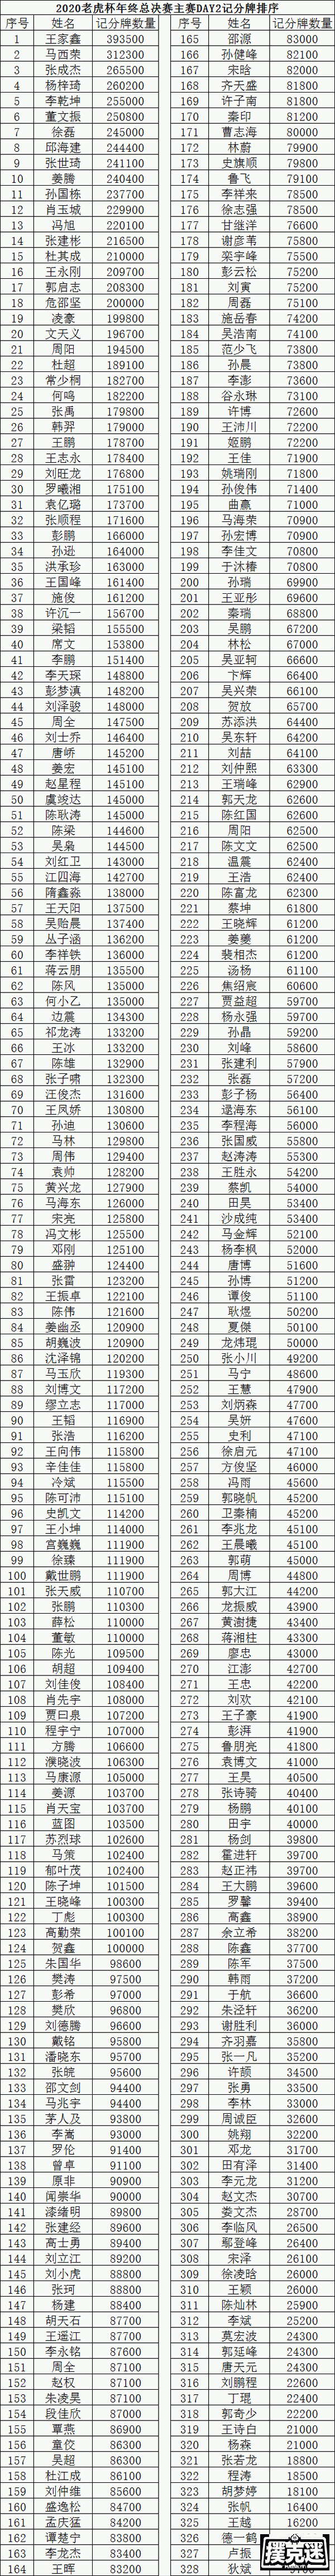 2020 TPC老虎杯年终总决赛 | 选手眼中的老虎杯,共328人晋级主赛Day2!